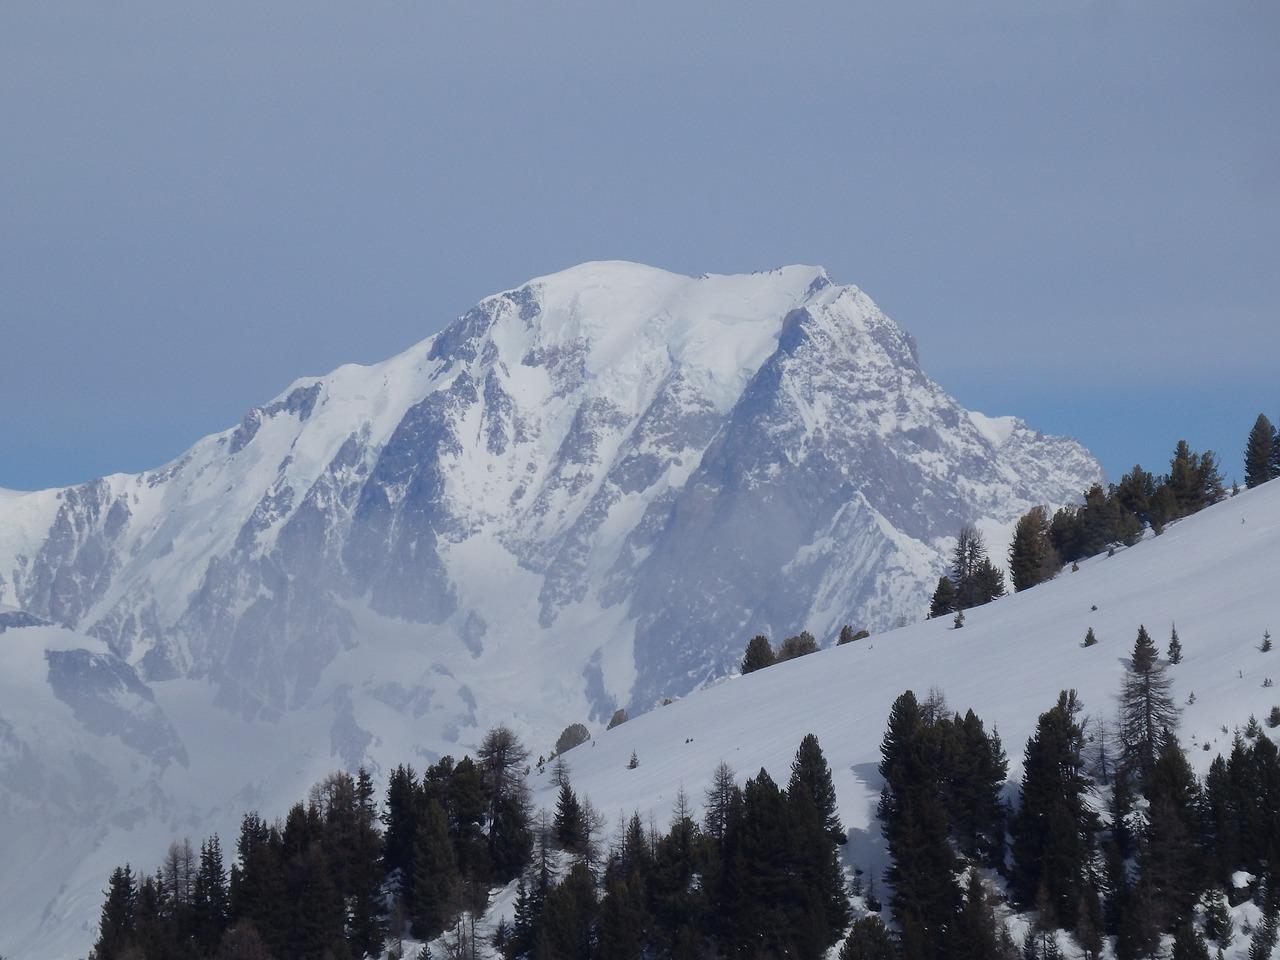 лучшие фото горы монт бланк жилетка моя